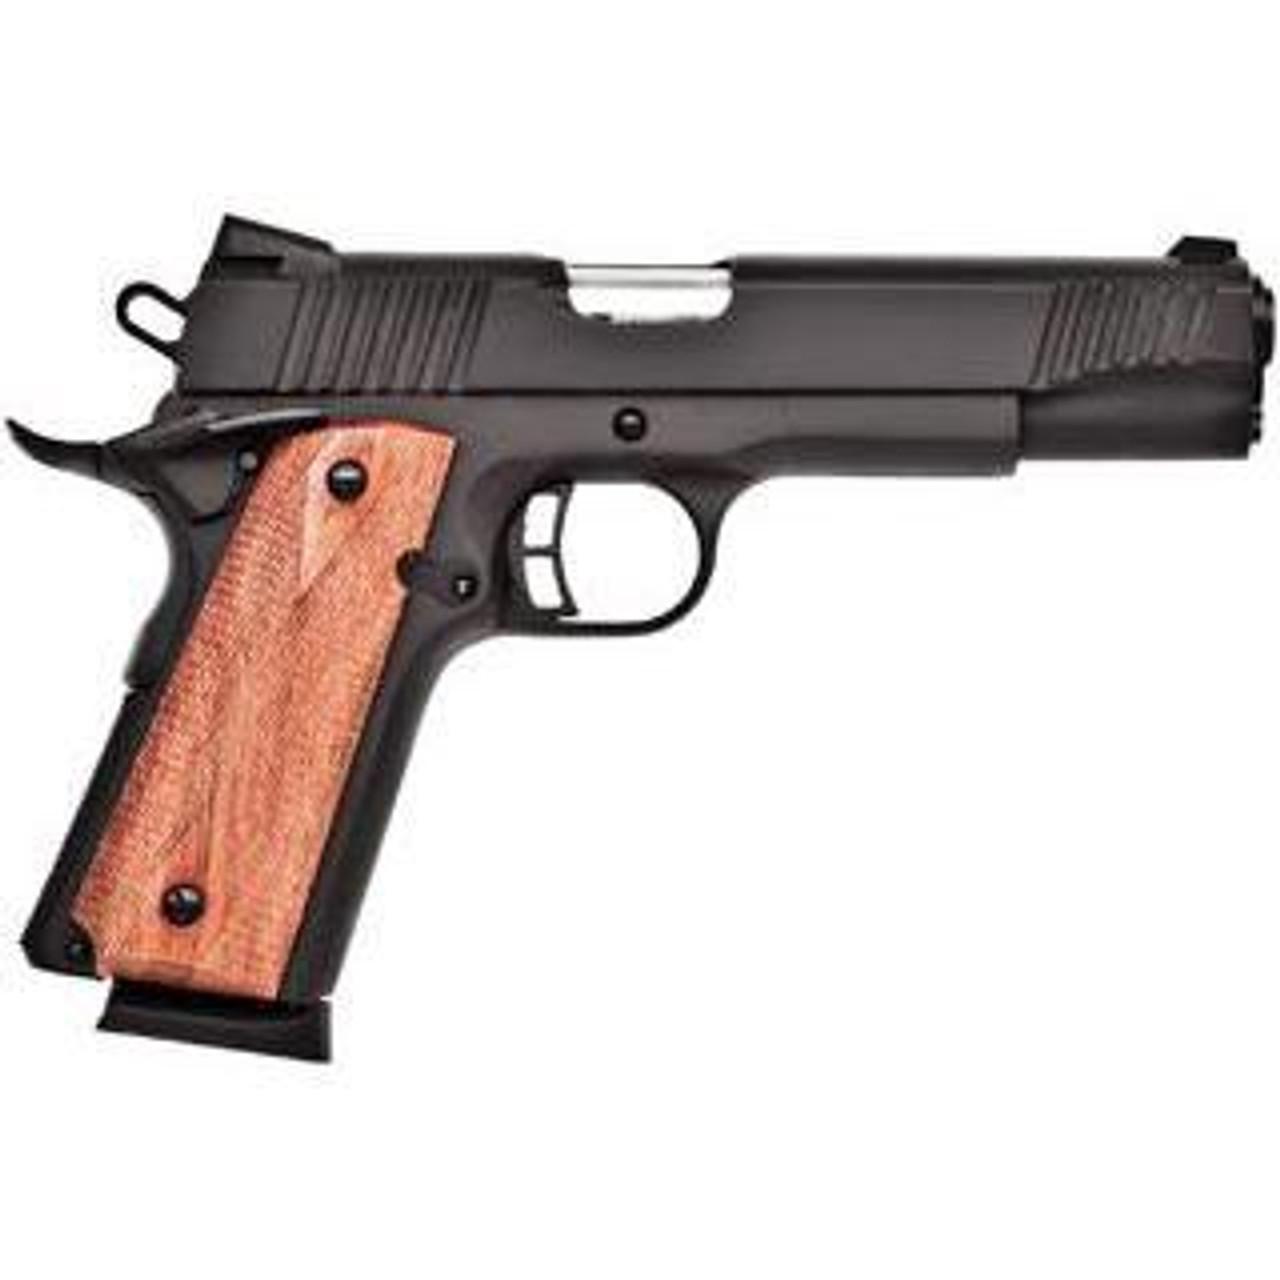 Armscor Citadel M1911A1-A1 FS CALIFORNIA LEGAL - .45ACP